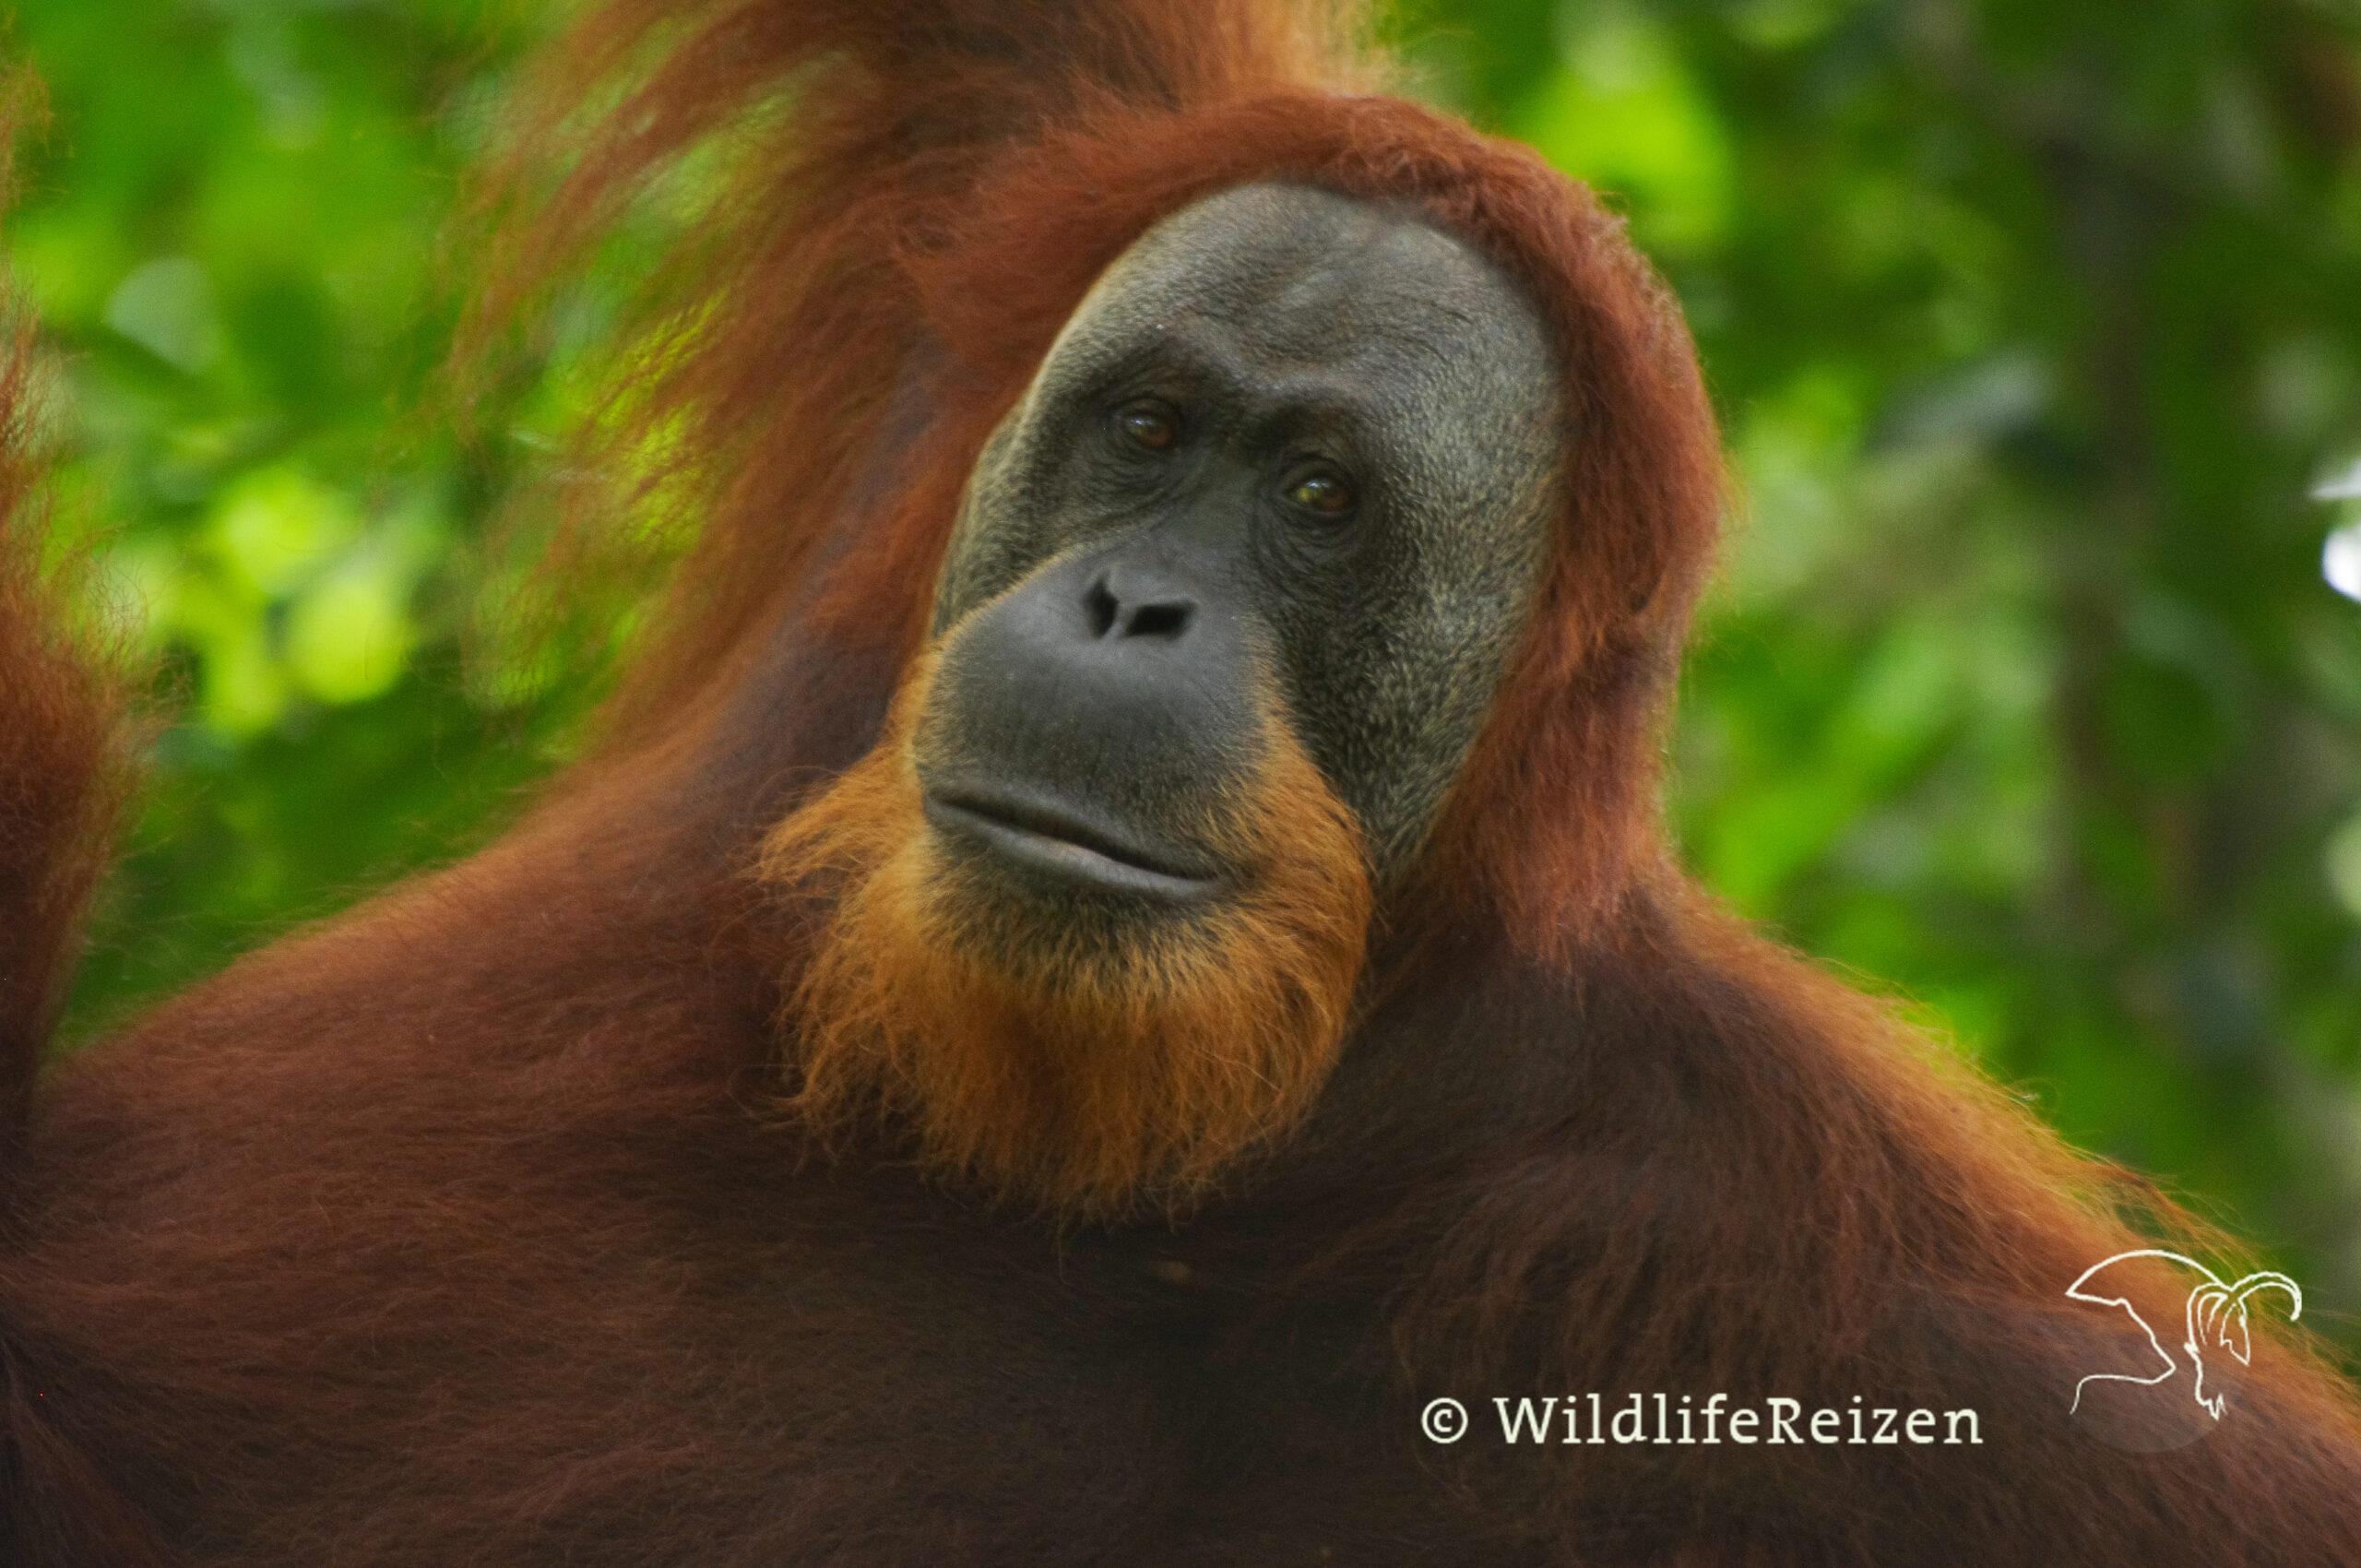 De Sumatraanse orang-oetan